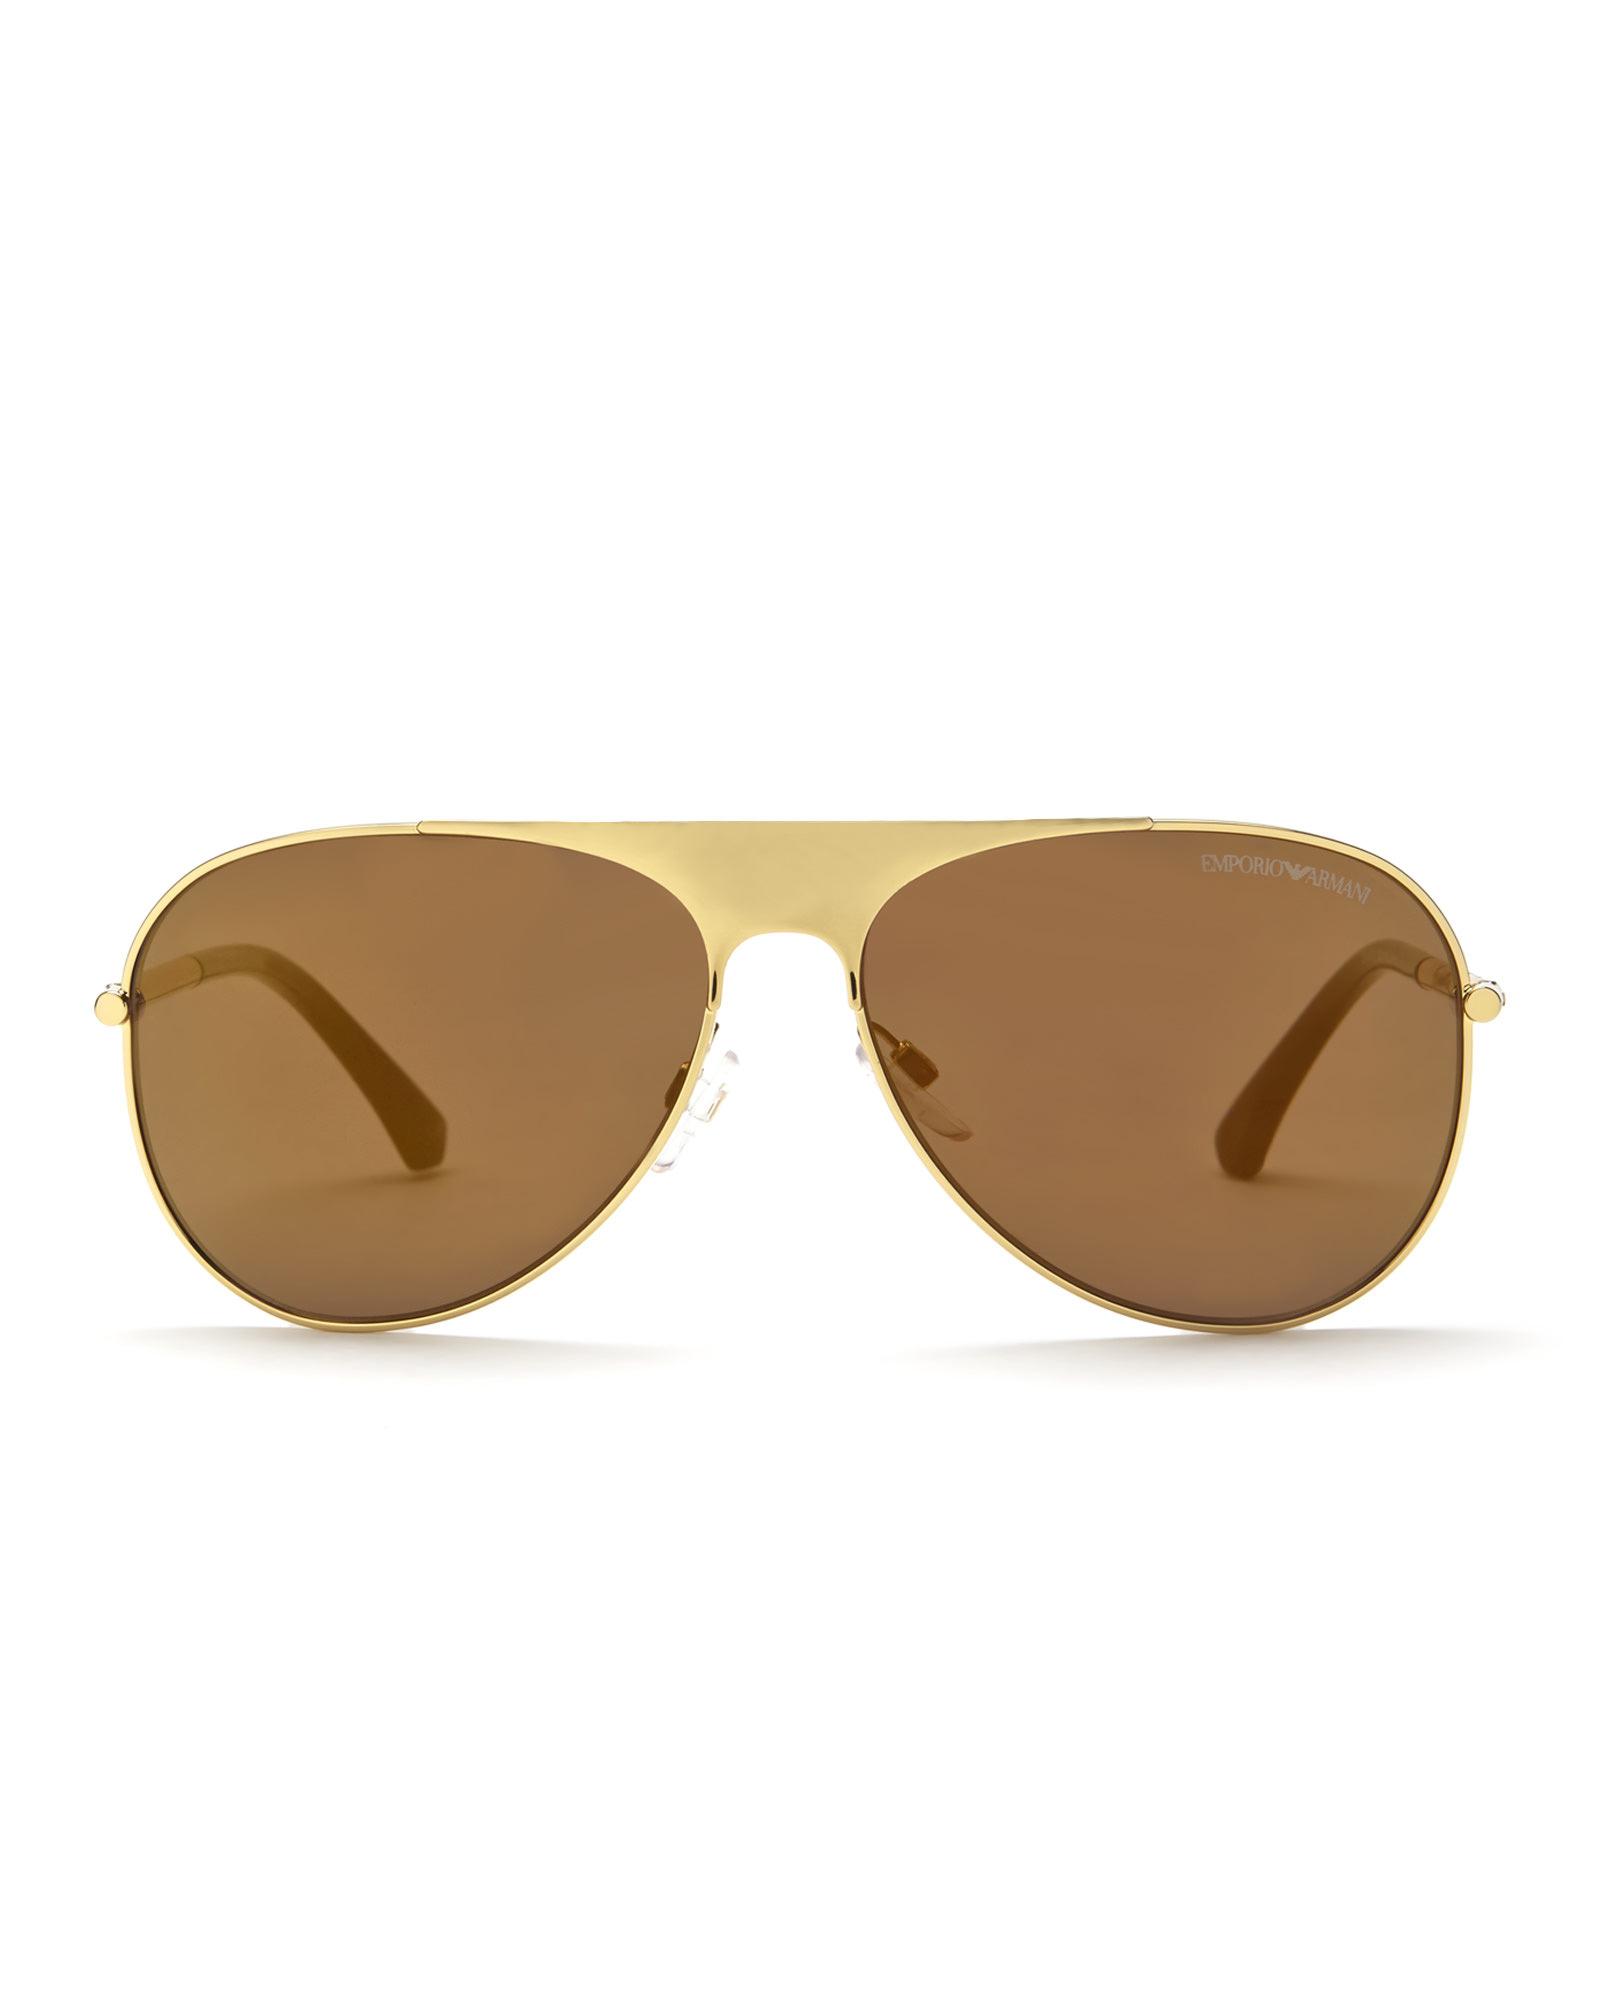 4871743ea82 Lyst - Emporio Armani Gold-Tone Ea2003 Aviator Sunglasses in Natural ...